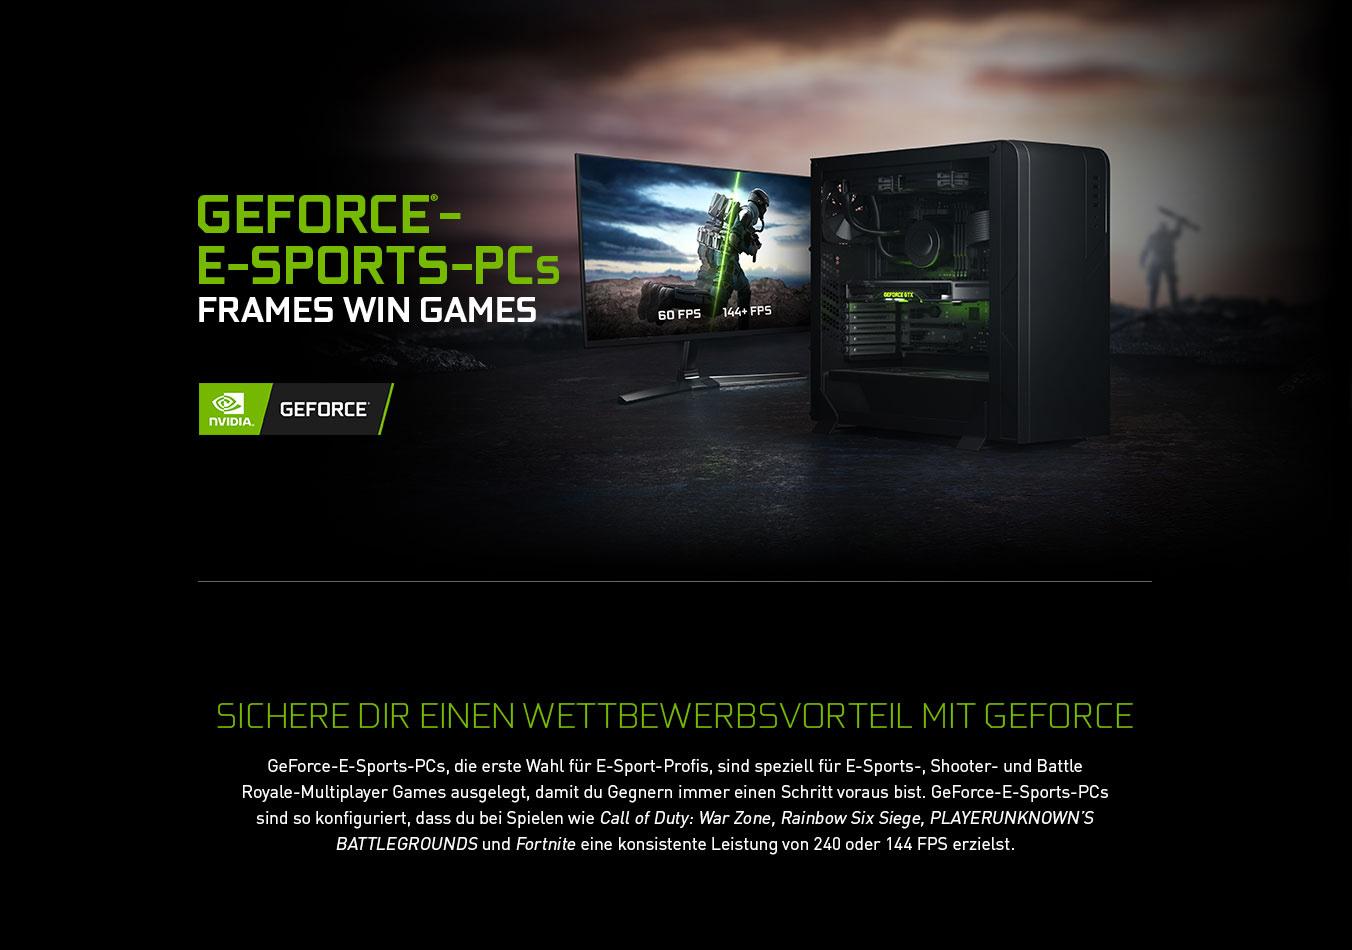 GeForce®-E-SPORTS-PCs